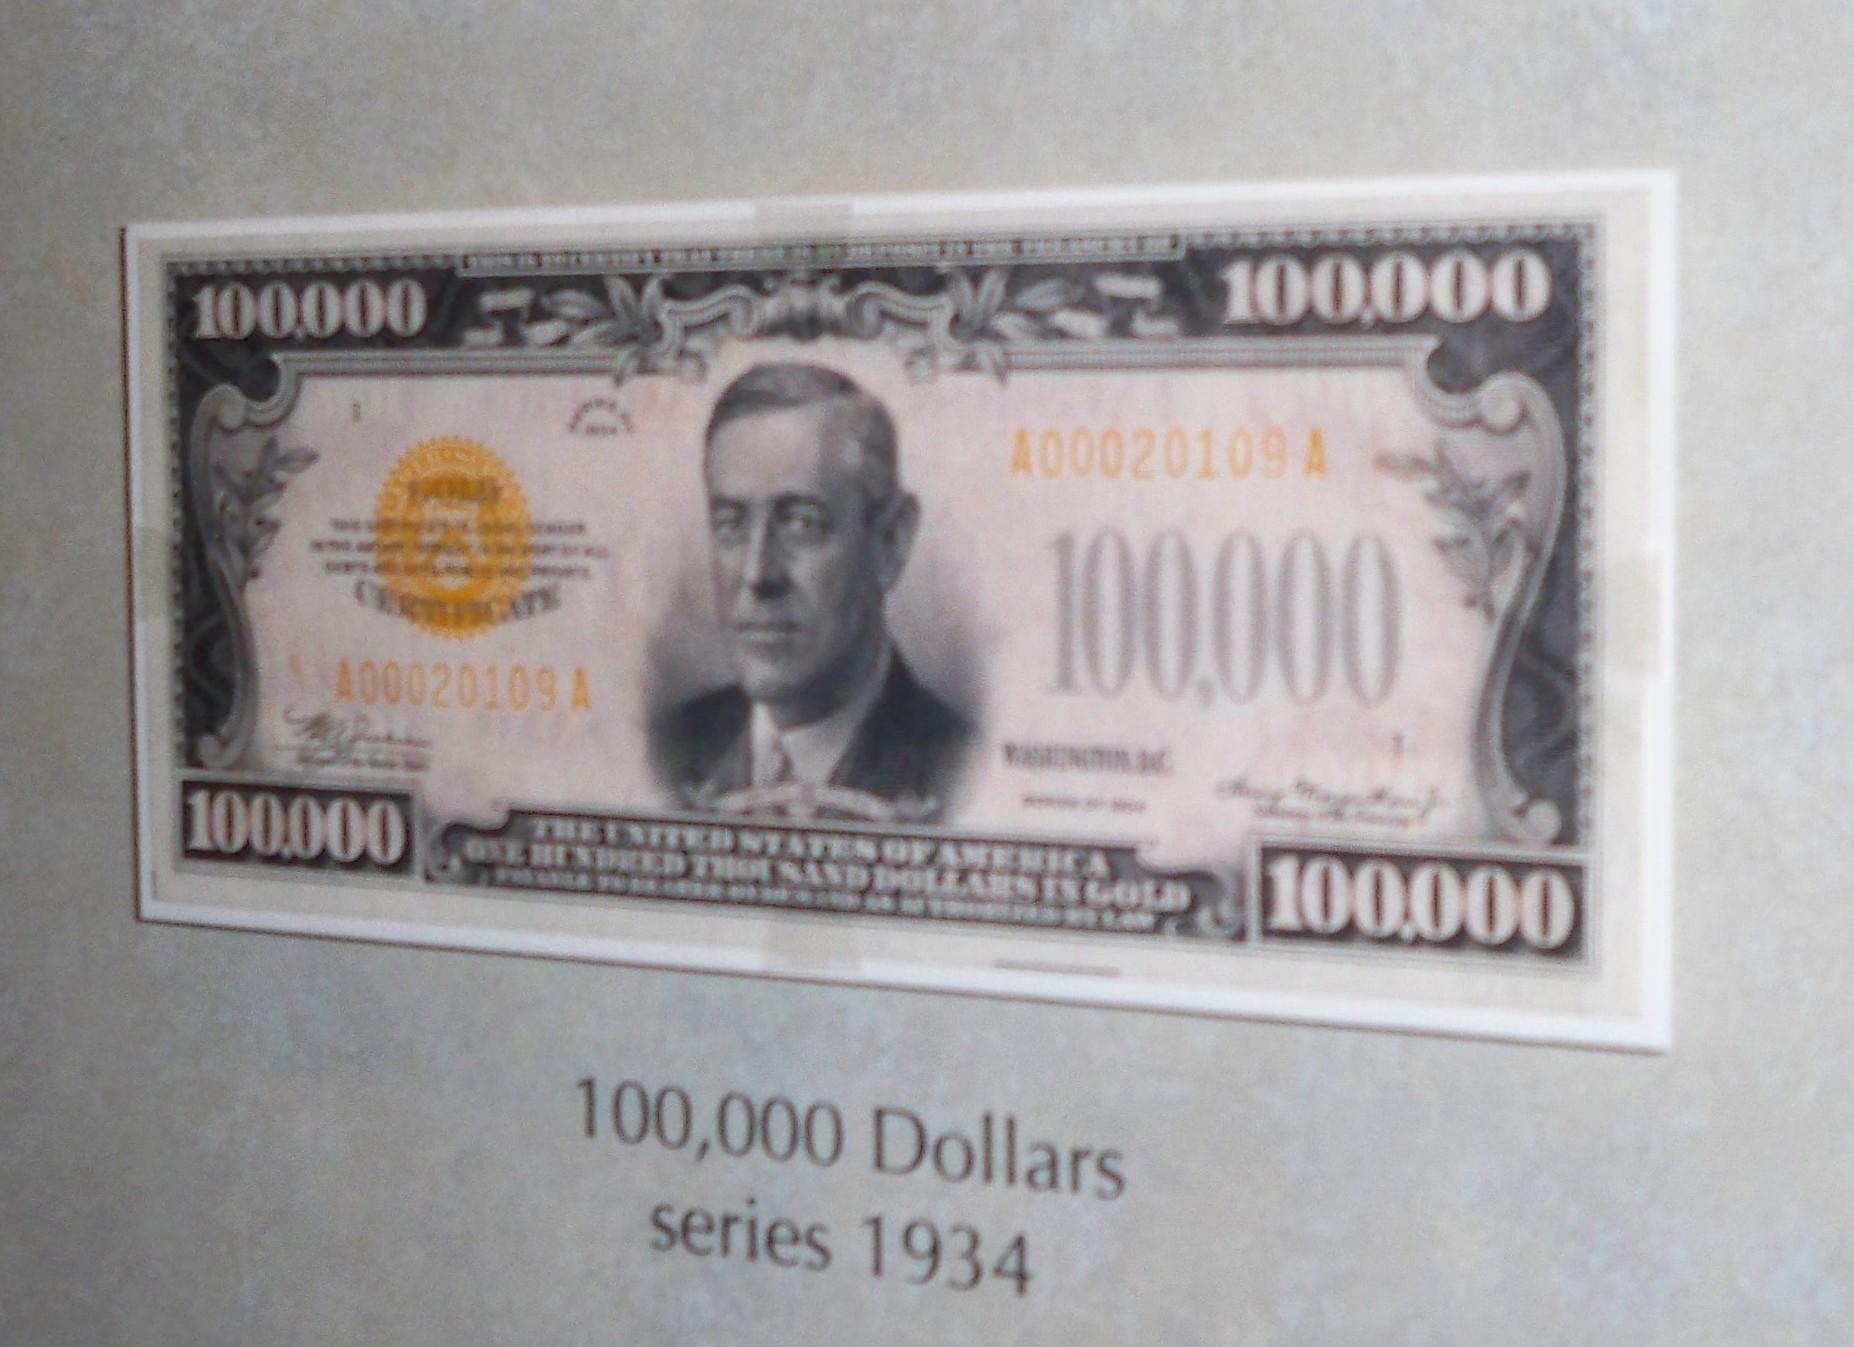 File:$100,000 b... $100000 Bill